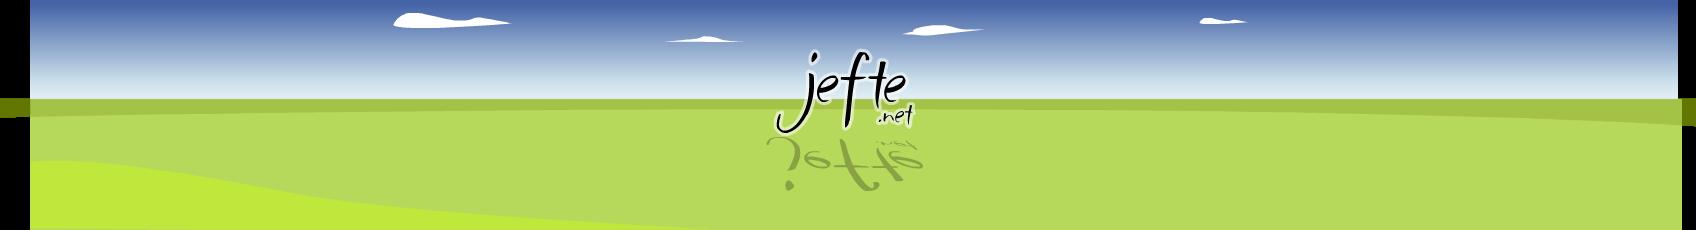 jefte-logo.png